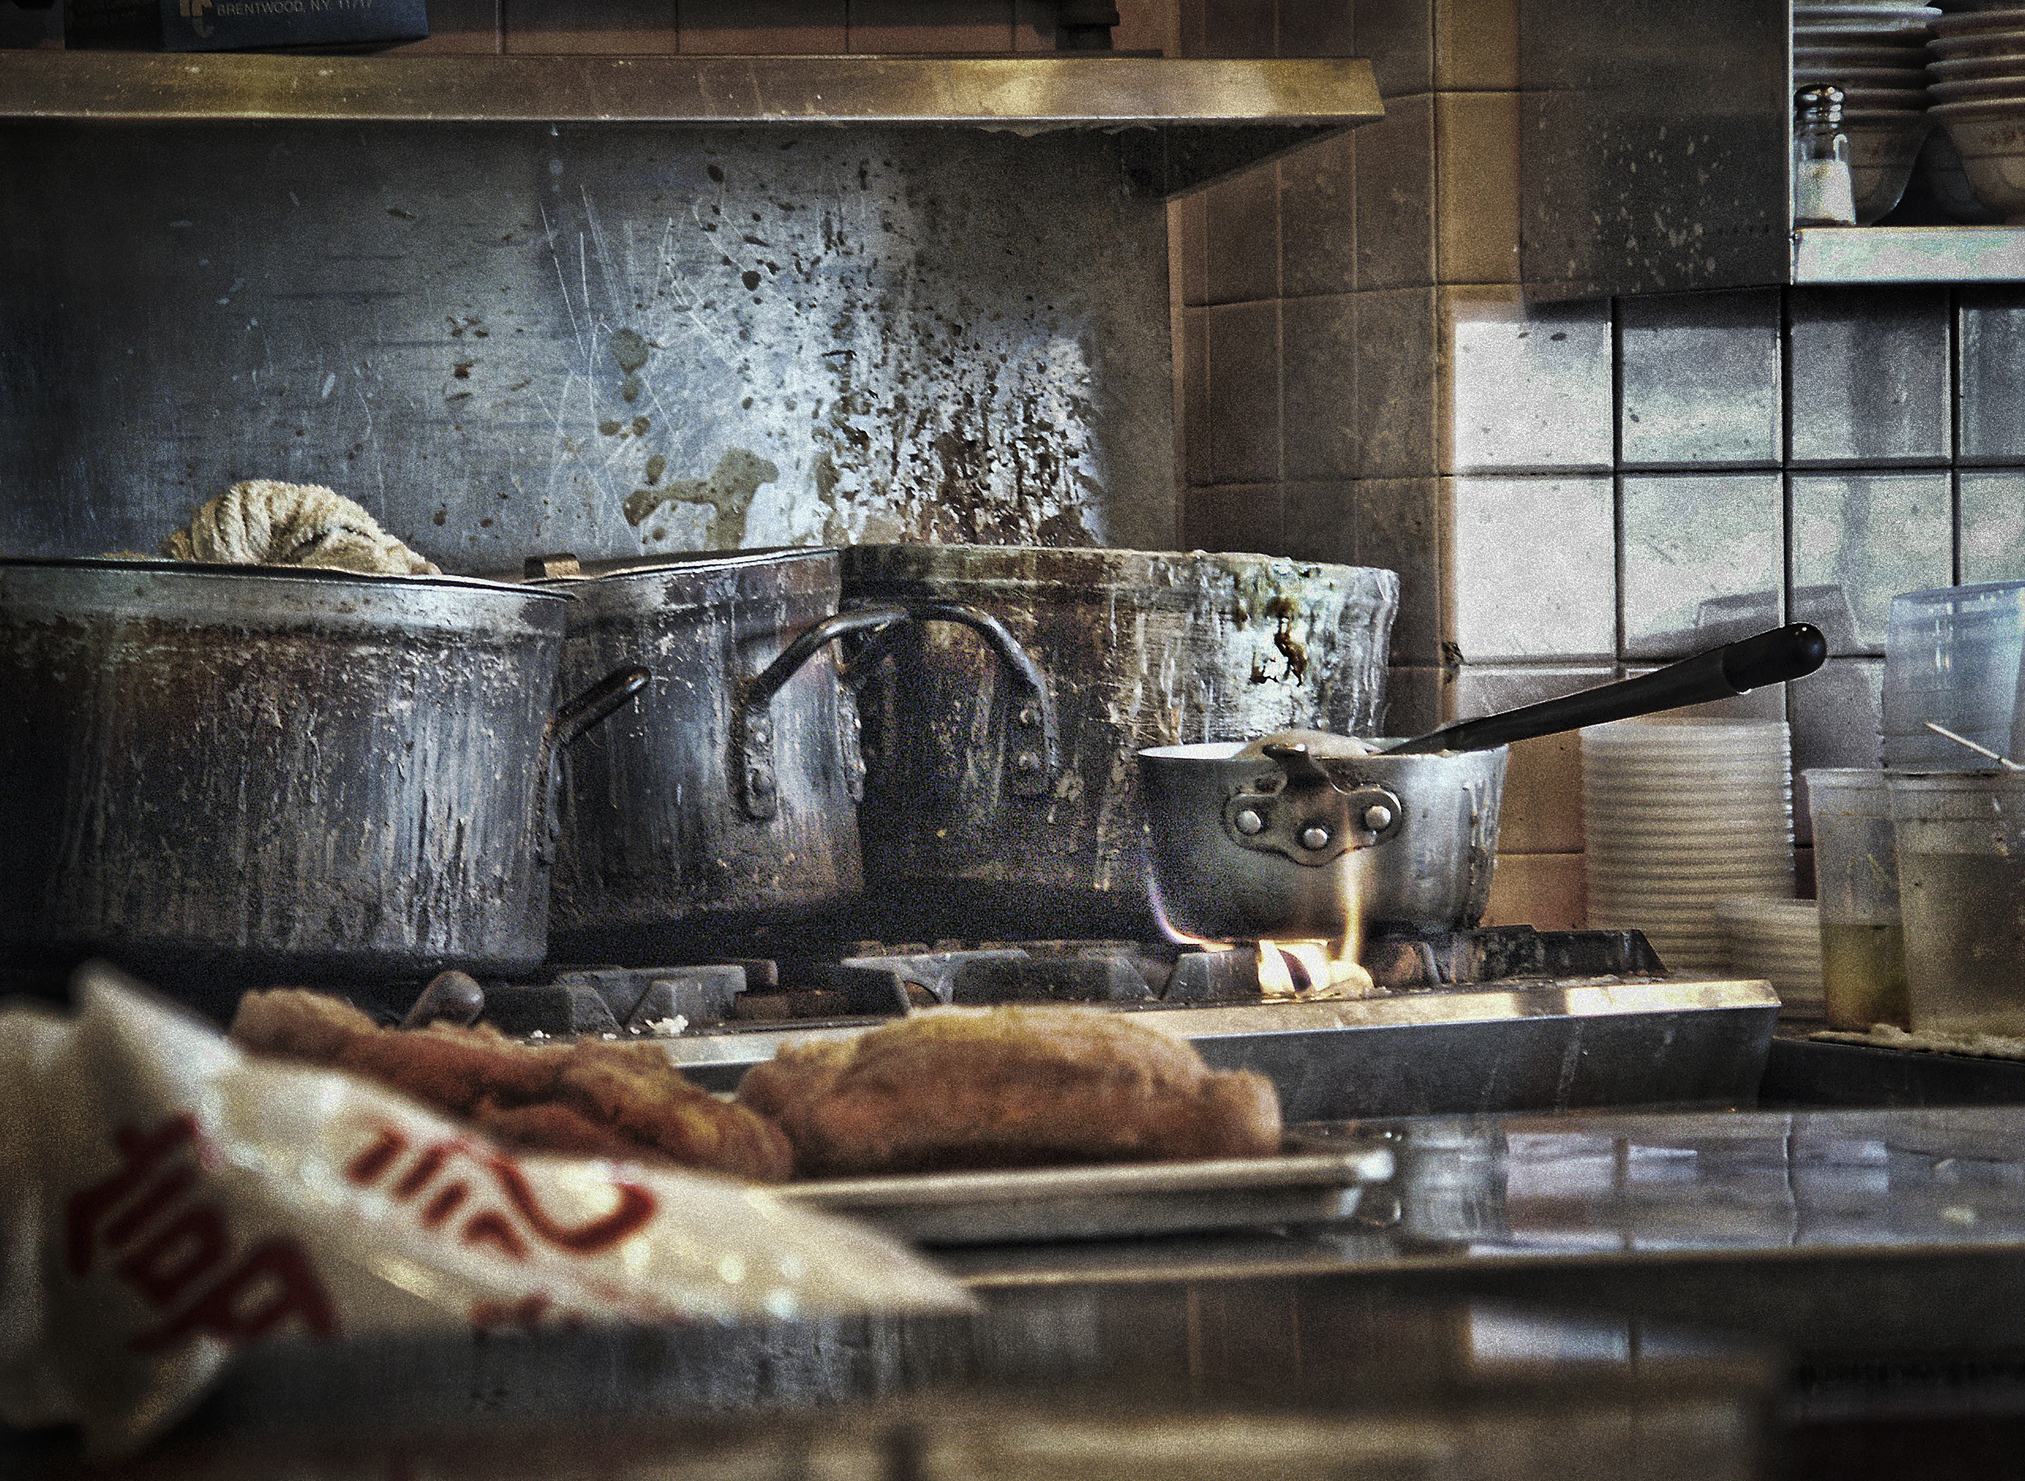 Burnt Pots